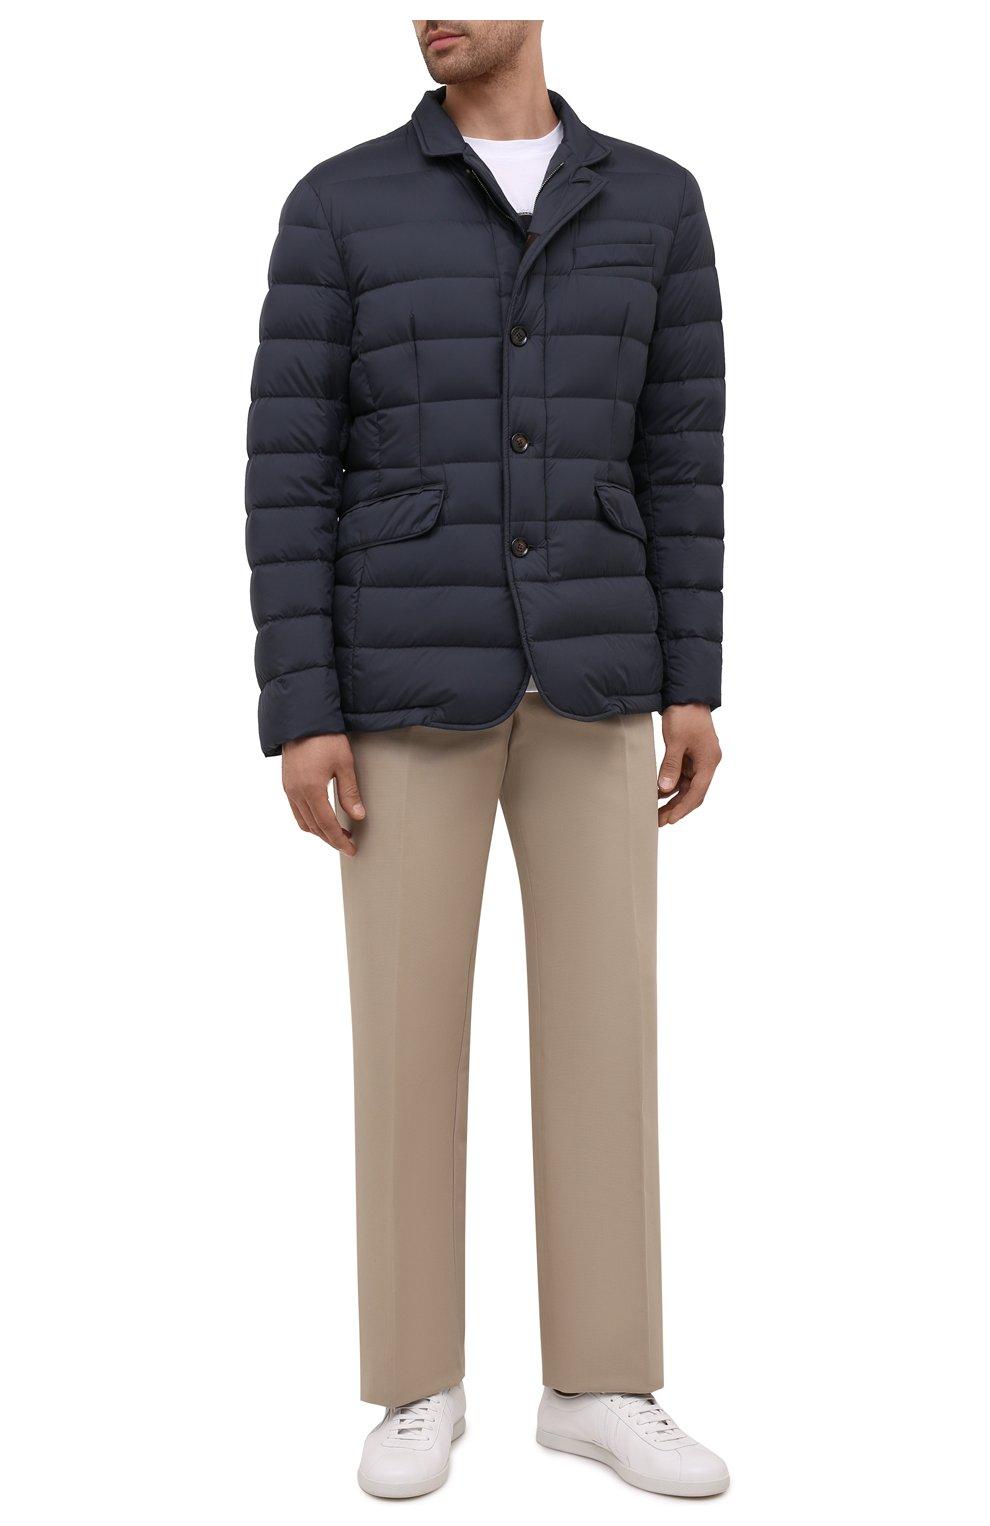 Мужская пуховая куртка zayn-op MOORER синего цвета, арт. ZAYN-0P/M0UGI100307-TEPA017 | Фото 2 (Кросс-КТ: Куртка; Мужское Кросс-КТ: пуховик-короткий; Рукава: Длинные; Материал внешний: Синтетический материал; Материал подклада: Синтетический материал; Длина (верхняя одежда): Короткие; Материал утеплителя: Пух и перо; Стили: Кэжуэл)